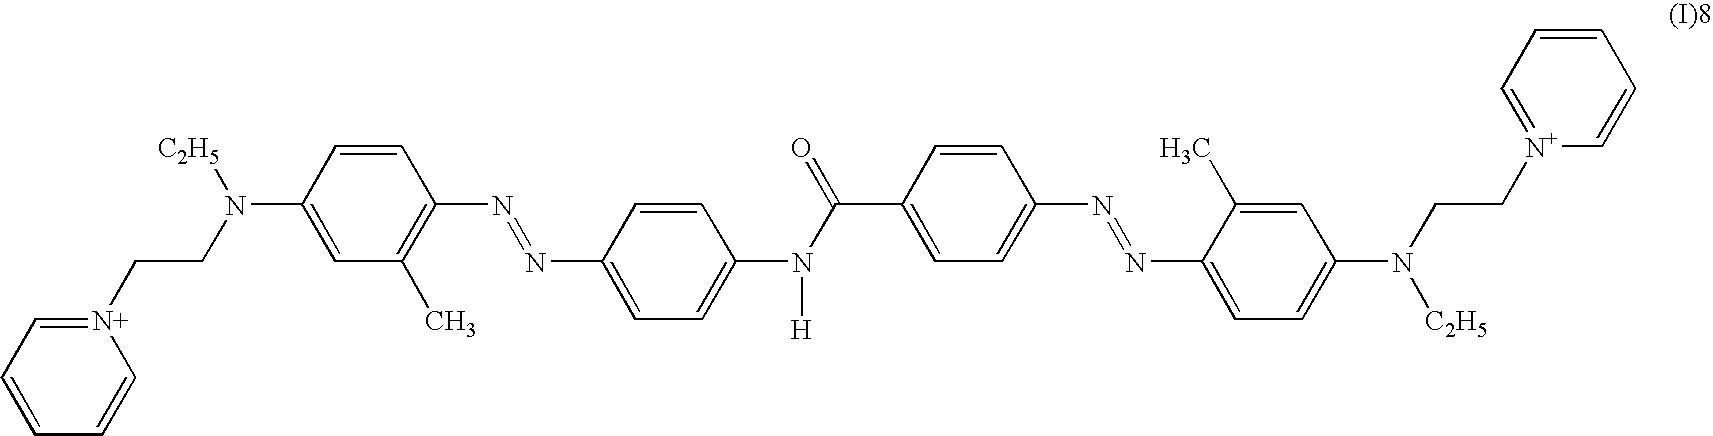 Figure US07189266-20070313-C00013